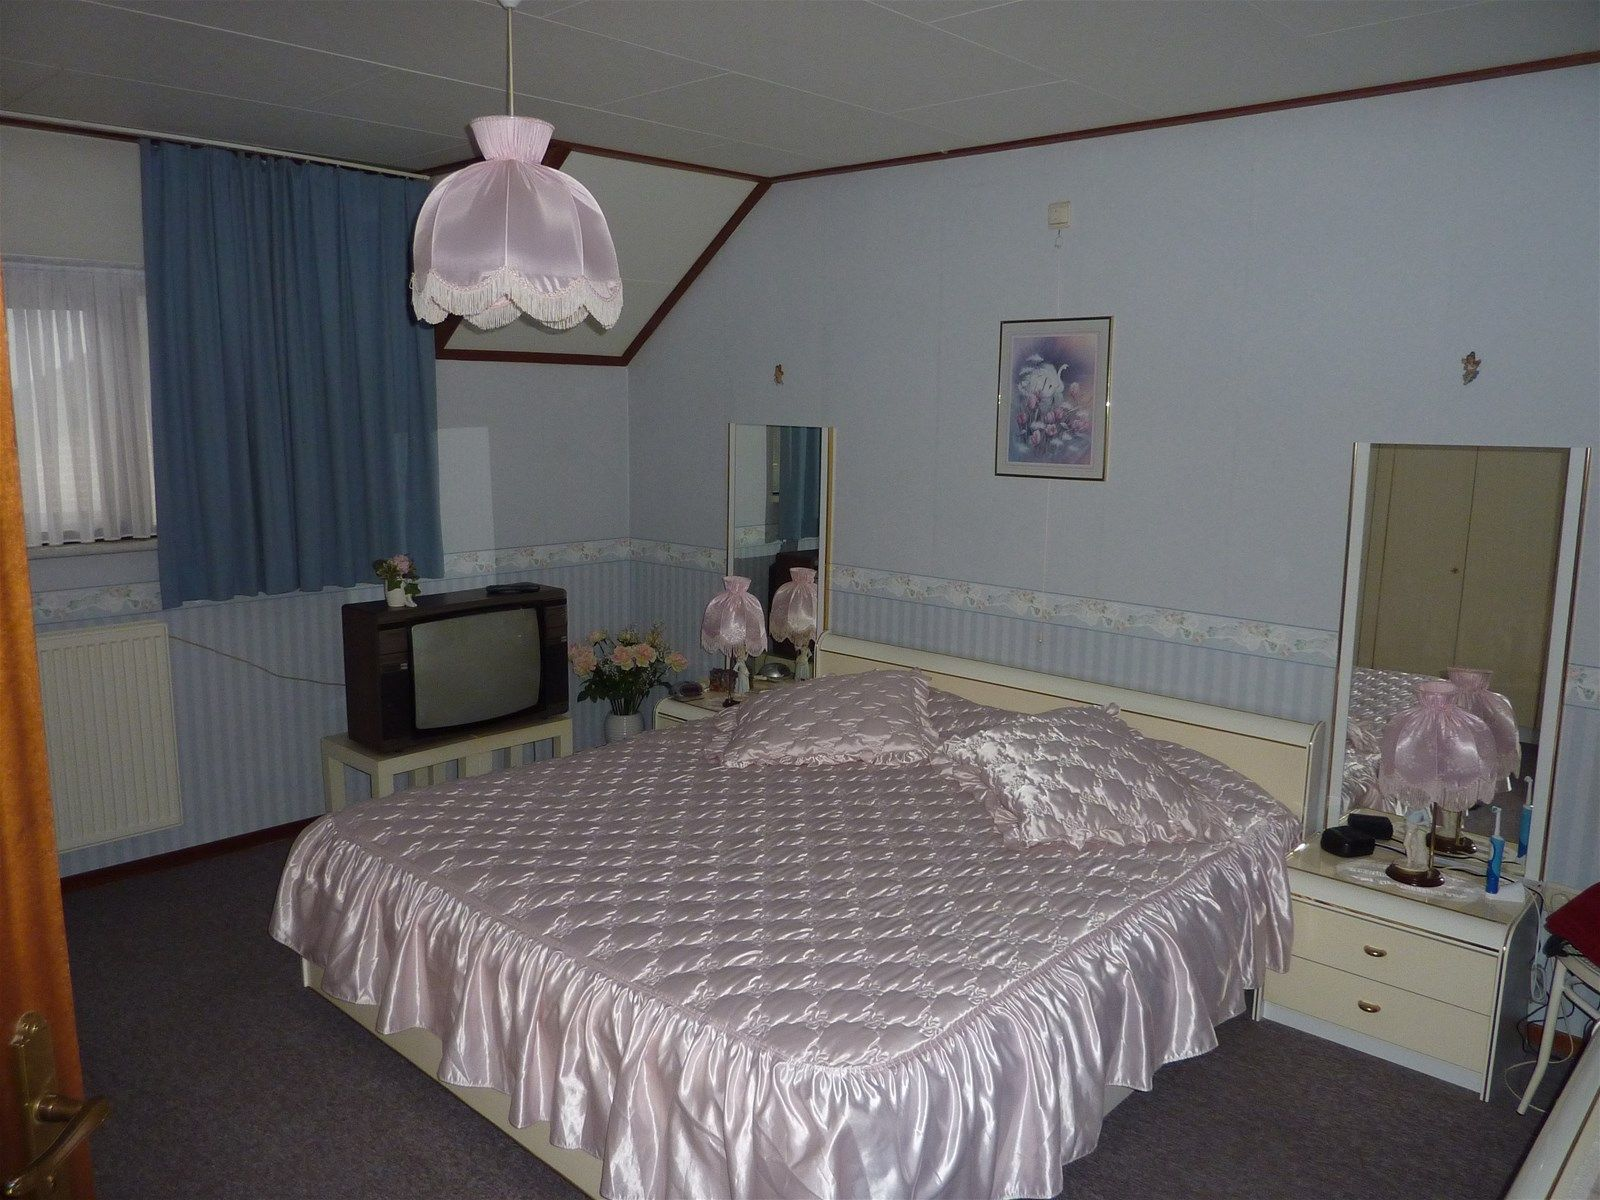 Half vrijstaande woning met oprit gelegen aan een doorgaande weg, tussen de dorpskernen van Wernhout en Zundert. Veel voorzieningen zoals winkels, horeca en sportfaciliteiten, zijn nabij gelegen. De woning is o.a. voorzien van een woonkamer met houtkachel, een nette woonkeuken, fraaie serre met schuifpui en lichtkoepel, twee slaapkamers en een ruime badkamer. De ruime tuin met tuinhuis is verzorgd aangelegd en is gunstig gelegen op het zuidoosten.  BEGANE GROND Entree/hal biedt toegang tot de woonkamer, het toilet en tot de vaste trap naar de eerste verdieping. Afwerking- Tegelvloer, schoonmetselwerk wanden en een Agnes plafond.  Toiletruimte met toilet en fonteintje. Afwerking- Tegelvloer, wandtegels en een Agnes plafond.  Ruime woonkamer met schouw en houtkachel. Afwerking- Tegelvloer, deels schoonmetselwerk wanden, deels granollen wanden en een stucwerk plafond.  Woonkeuken met keukeninrichting in hoekopstelling, uitgerust met een kunststof werkblad, spoelbak, 4-pits gaskookplaat, schouw met afzuigkap, combimagnetron, koel-/vriescombinatie, bovenkastjes en onderkastjes. Afwerking- Tegelvloer, stucwerk wanden en stucwerk plafond.  Fraaie serre met schuifdeur en grote lichtkoepels. Afwerking- Tegelvloer, stucwerk wanden en een MDF plafond.  Bijkeuken met aansluitingen voor de wasmachine en droger.  Afwerking- Tegelvloer, stucwerk wanden en een MDF plafond.  EERSTE VERDIEPING Overloop met toegang tot twee slaapkamers en de badkamer. Afwerking- Vloerbedekking, schoonmetselwerk wanden en een Agnes plafond.  Slaapkamer met dakkapel. Afwerking- Vloerbedekking, behangen wanden en een Agnes plafond.  Slaapkamer met dakraam. Afwerking- Vloerbedekking, behangen wanden en een Agnes plafond.  Ruime badkamer uitgerust met een ligbad, wastafel, toilet en bidet.  Afwerking- Tegelvloer, wandtegels en Agnes plafond.  TWEEDE VERDIEPING Bergzolder bereikbaar via een vlizotrap.   TUIN De woning is voorzien van een verzorgd aangelegde voor- en achtertuin en een oprit. De tuin is gunst